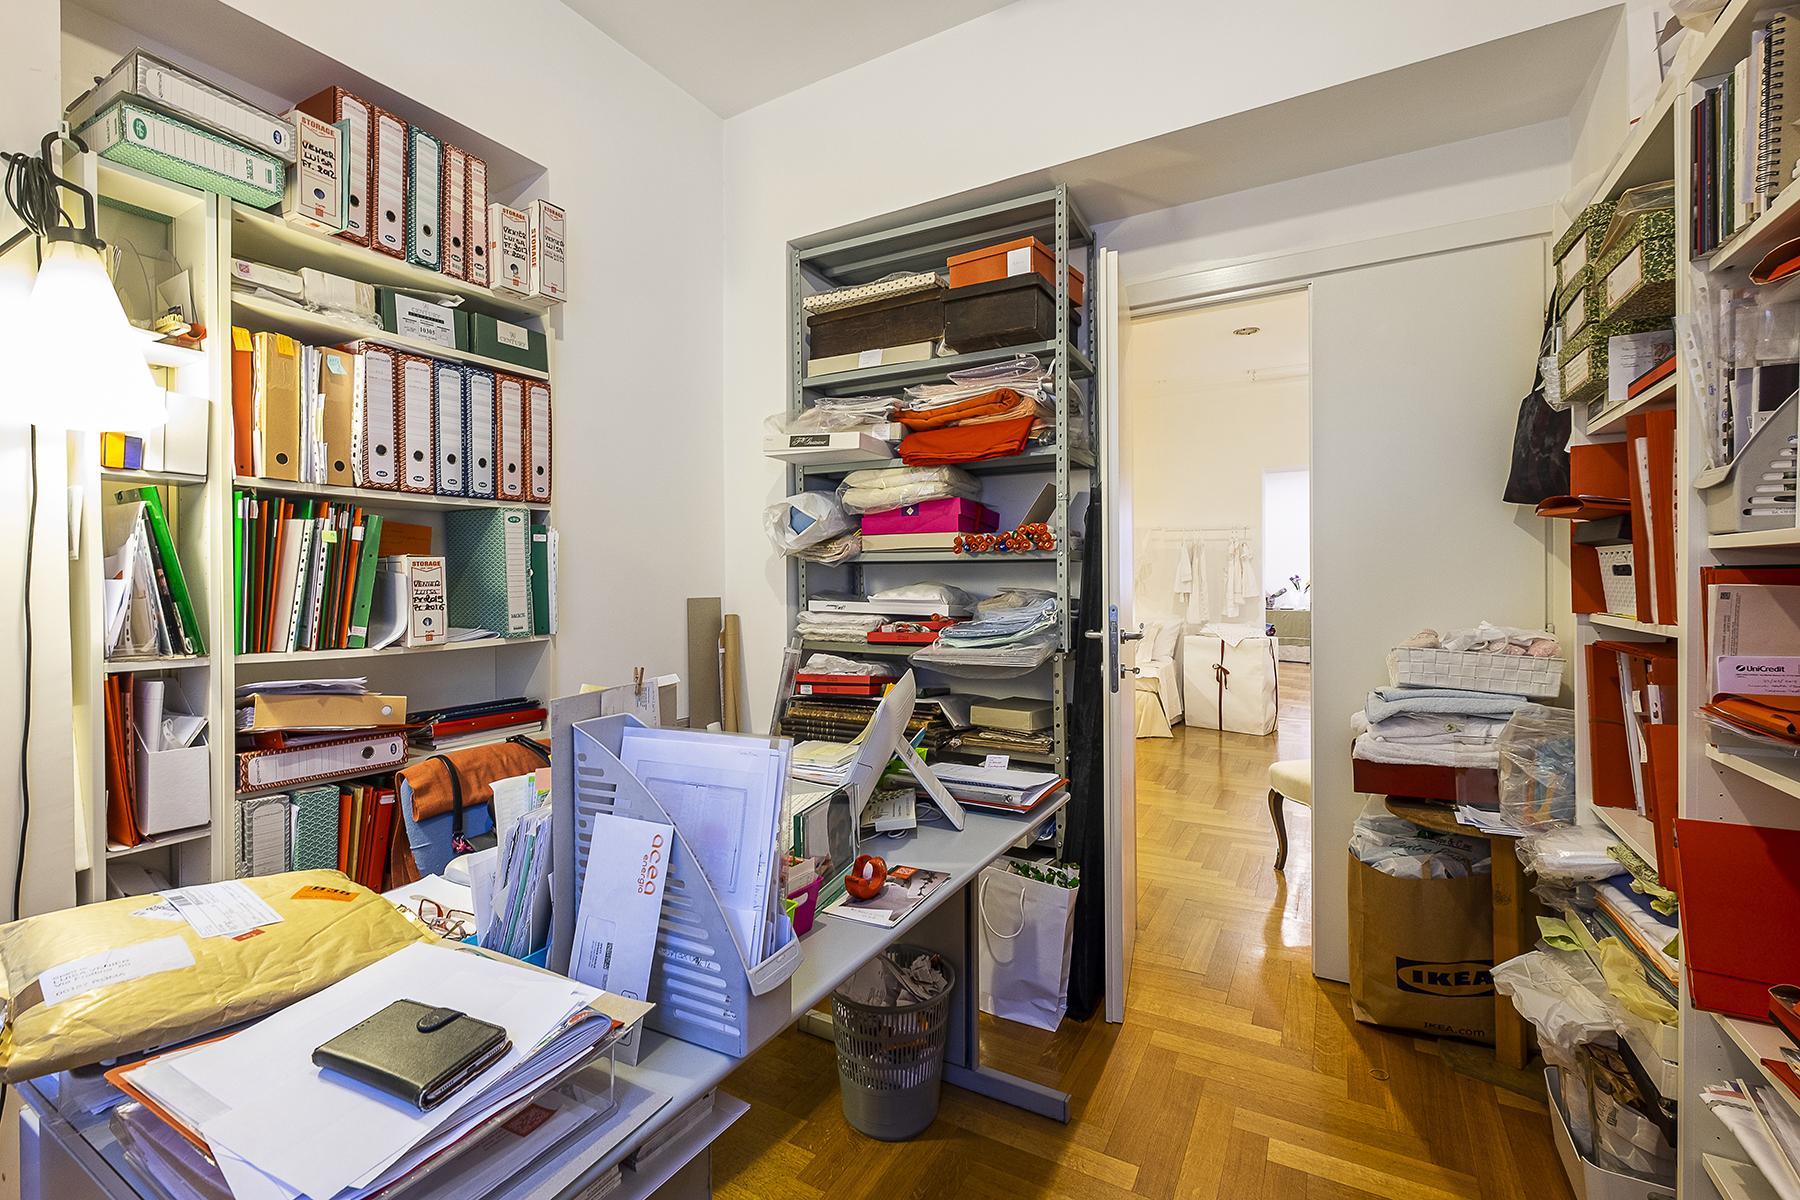 Negozio in affitto nell'esclusiva via Frattina - 17